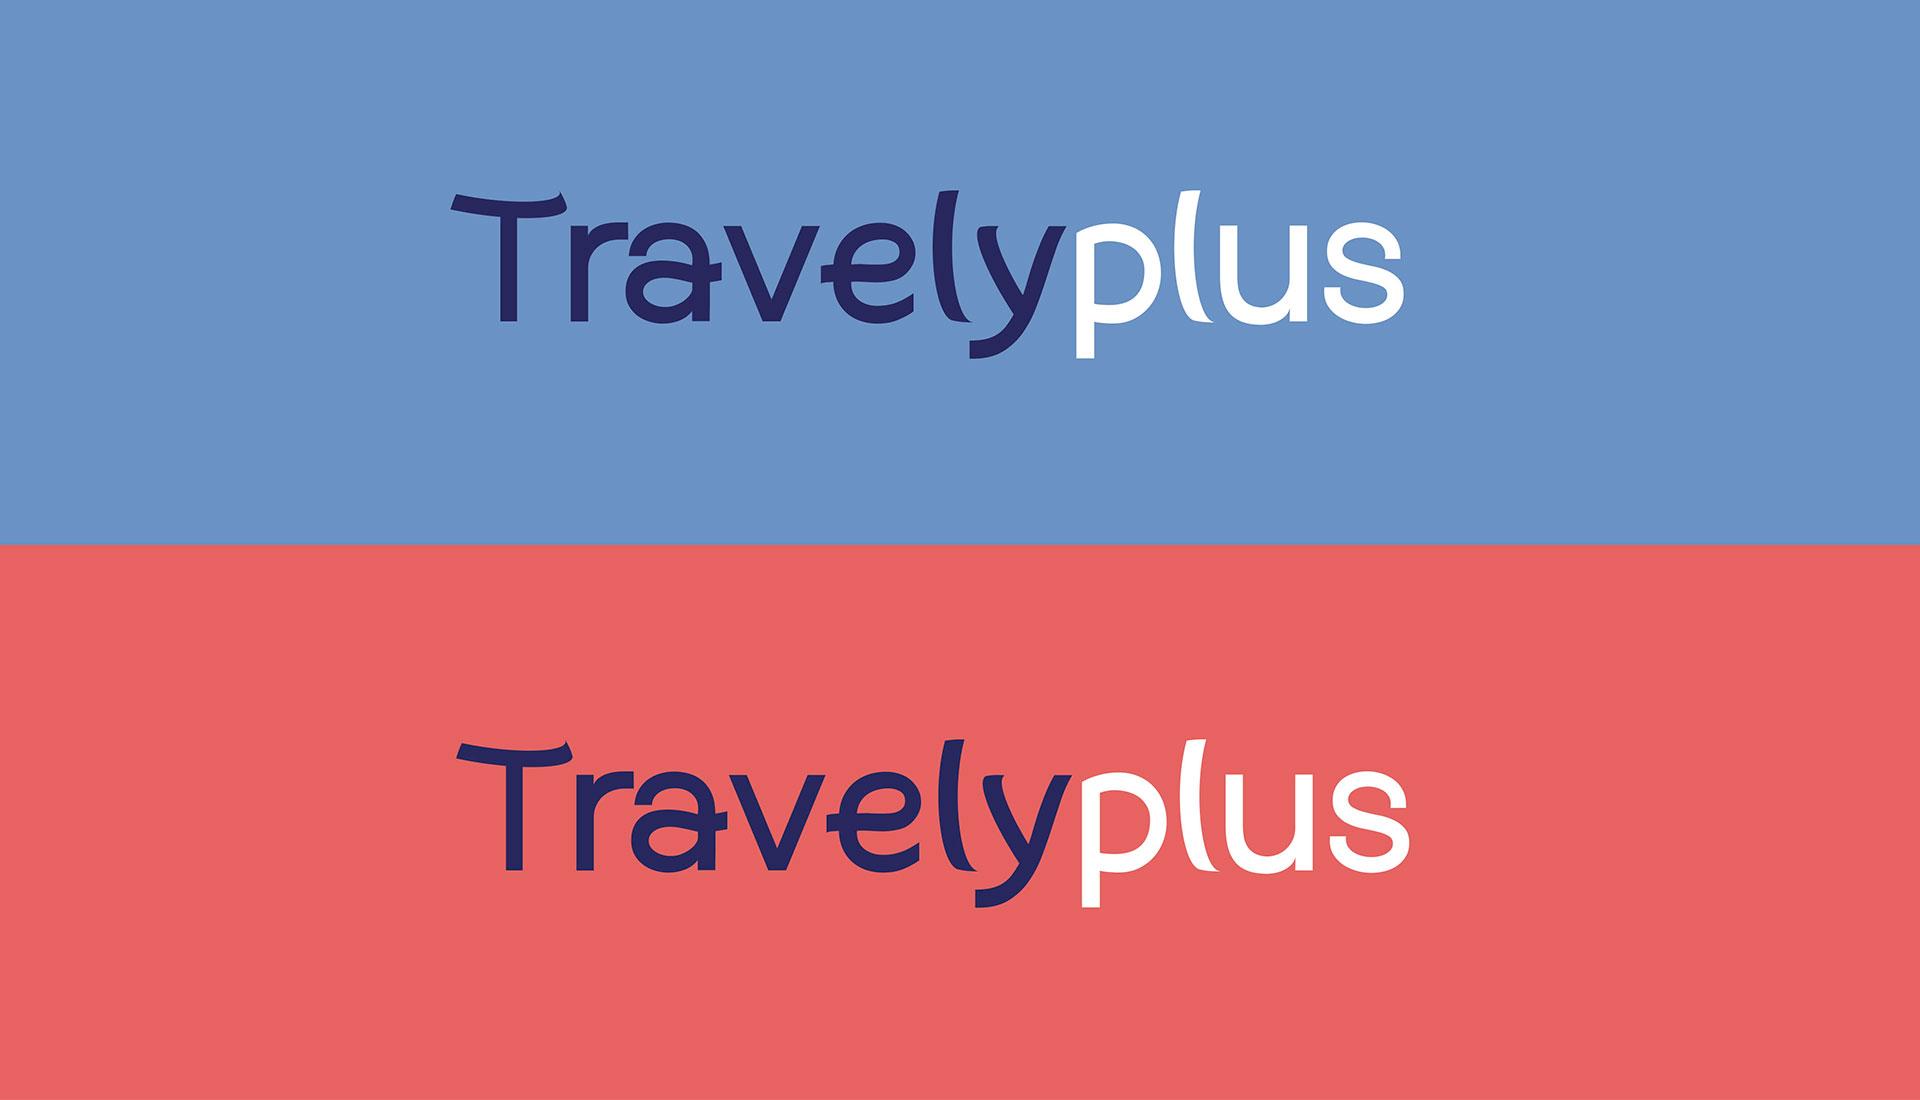 agencia-publicidad-identidad-corporativa-branding-marketing-agencia-viajes-valencia-04